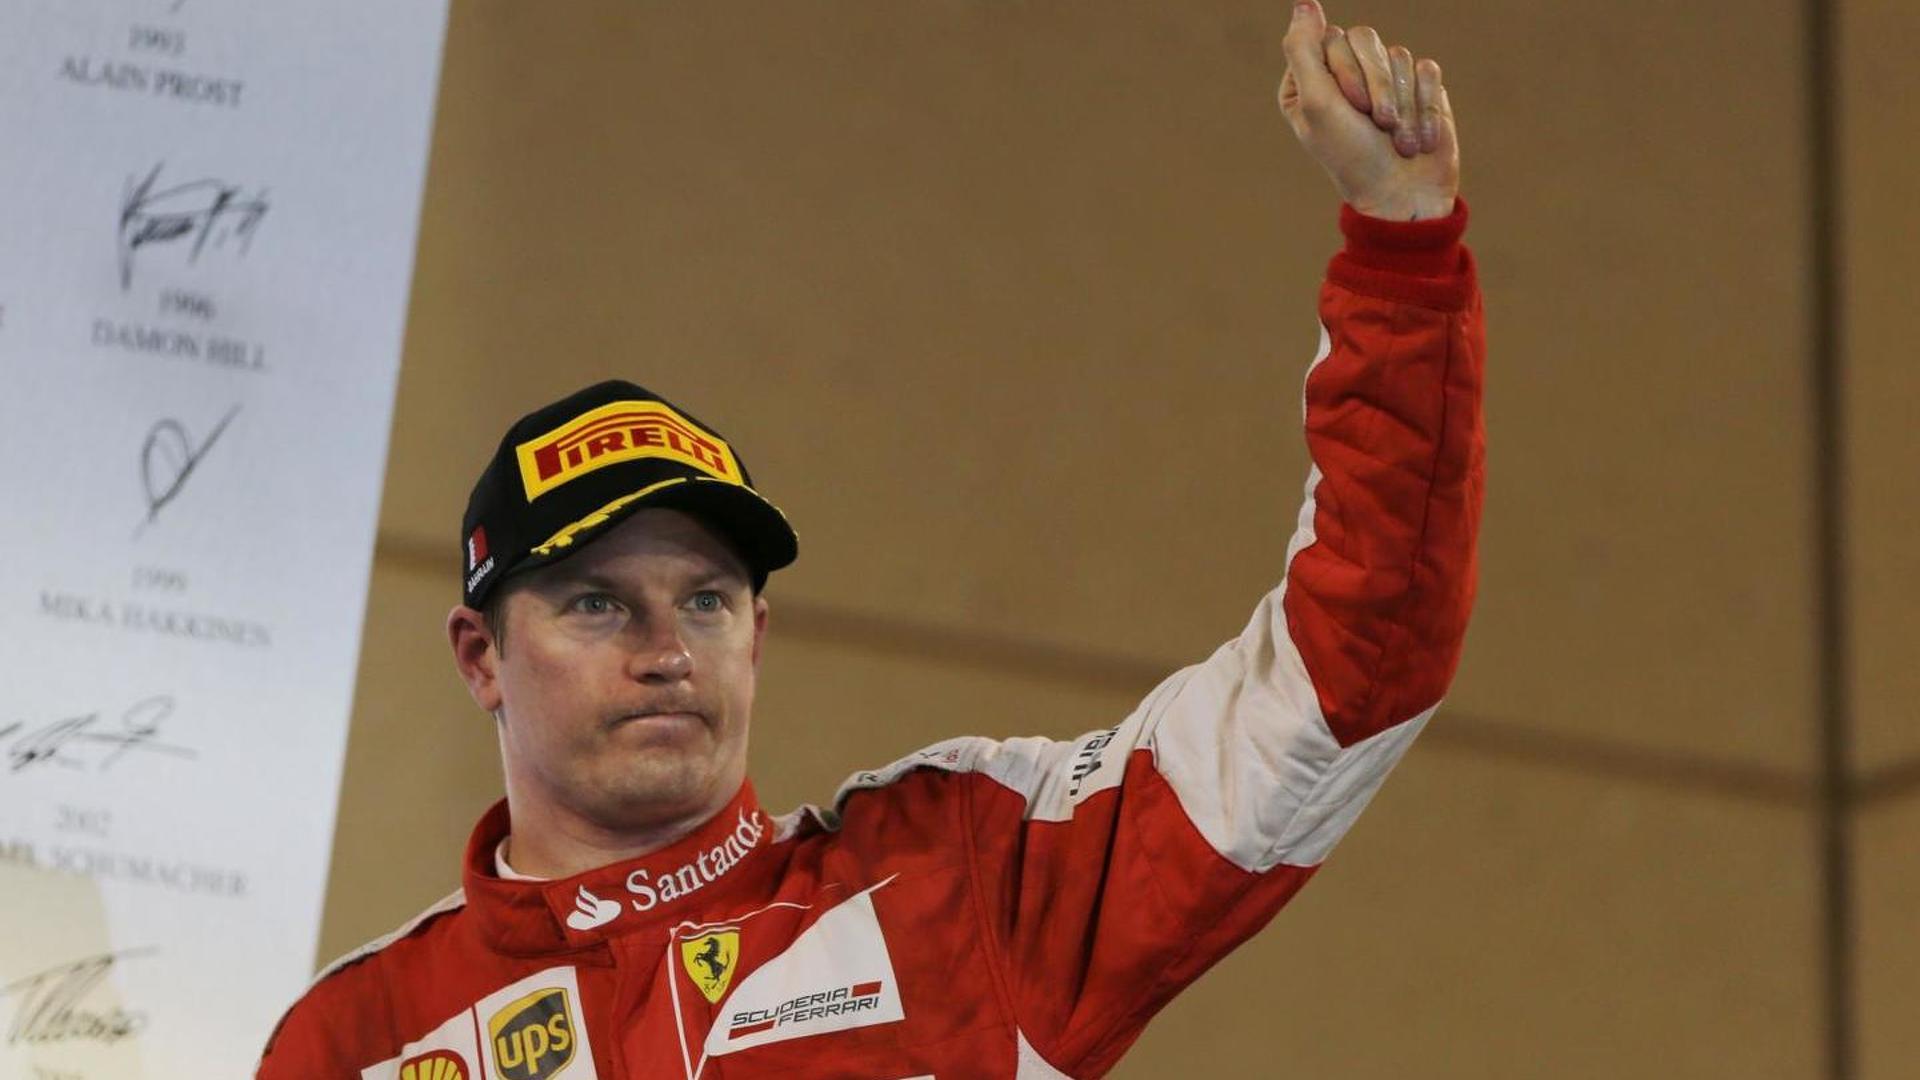 Hakkinen not sure Ferrari should keep Raikkonen